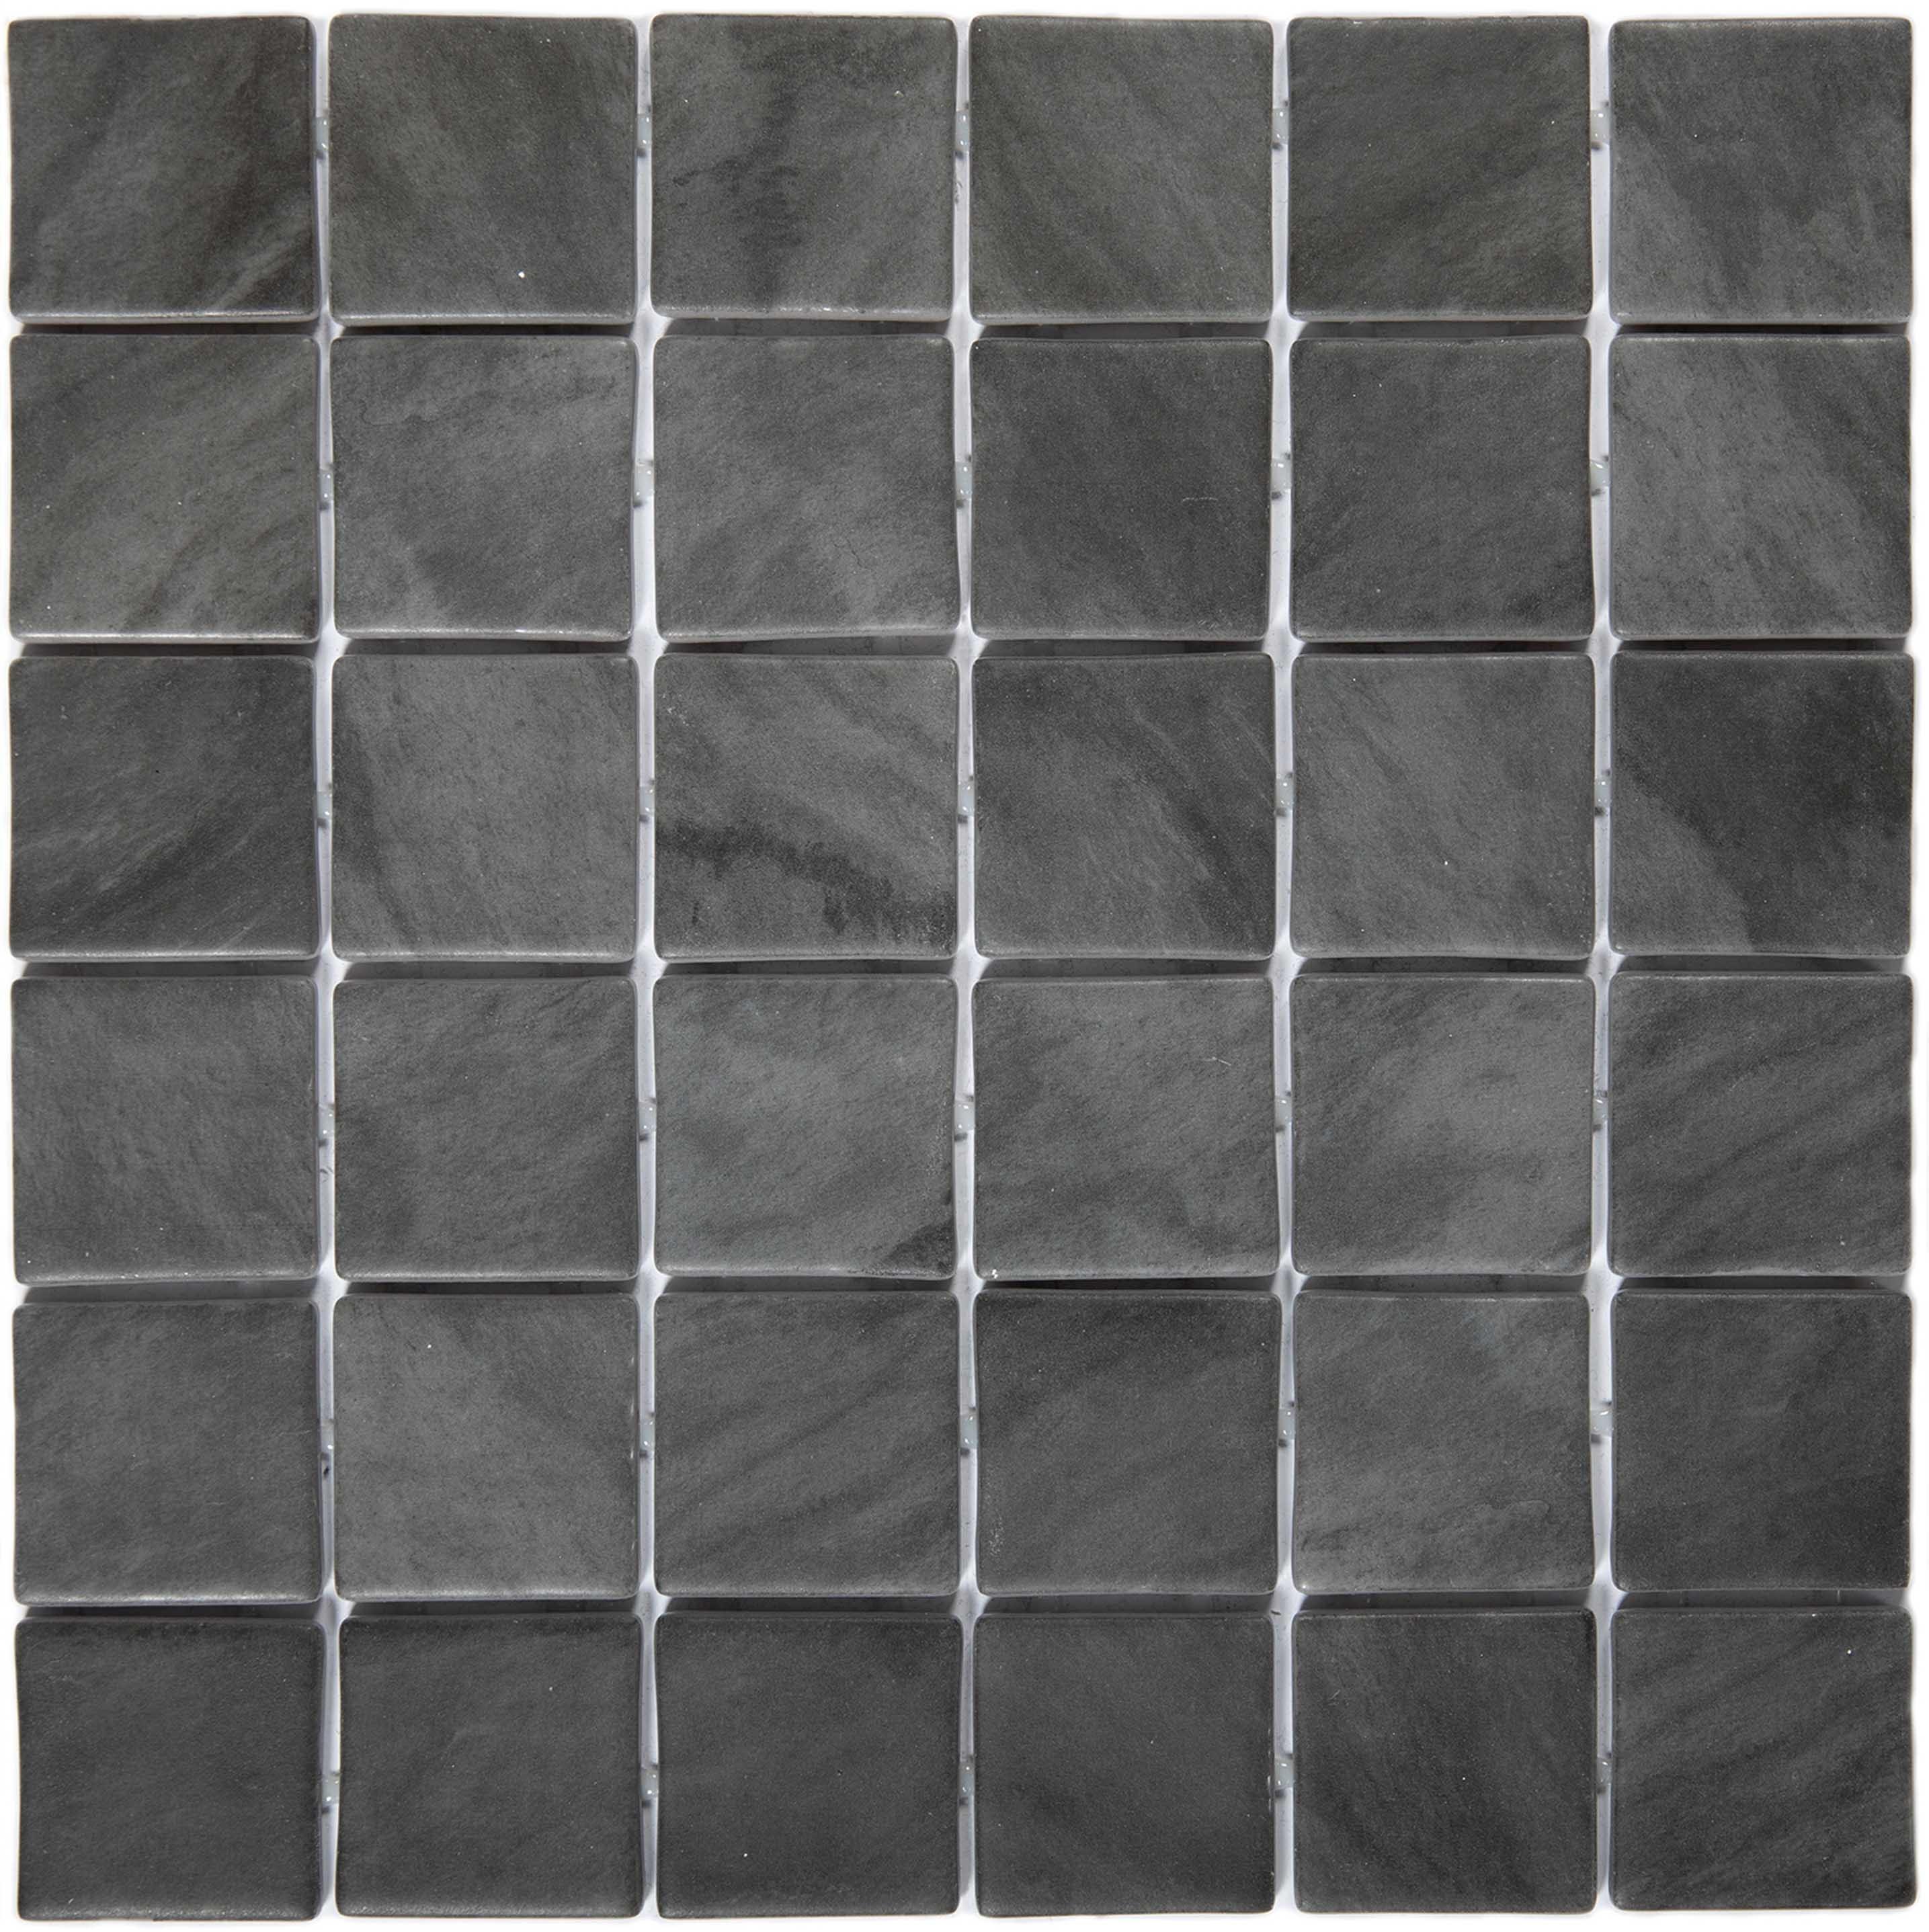 Pool-Tiles Hero Onix Origin-hero-gallery-2